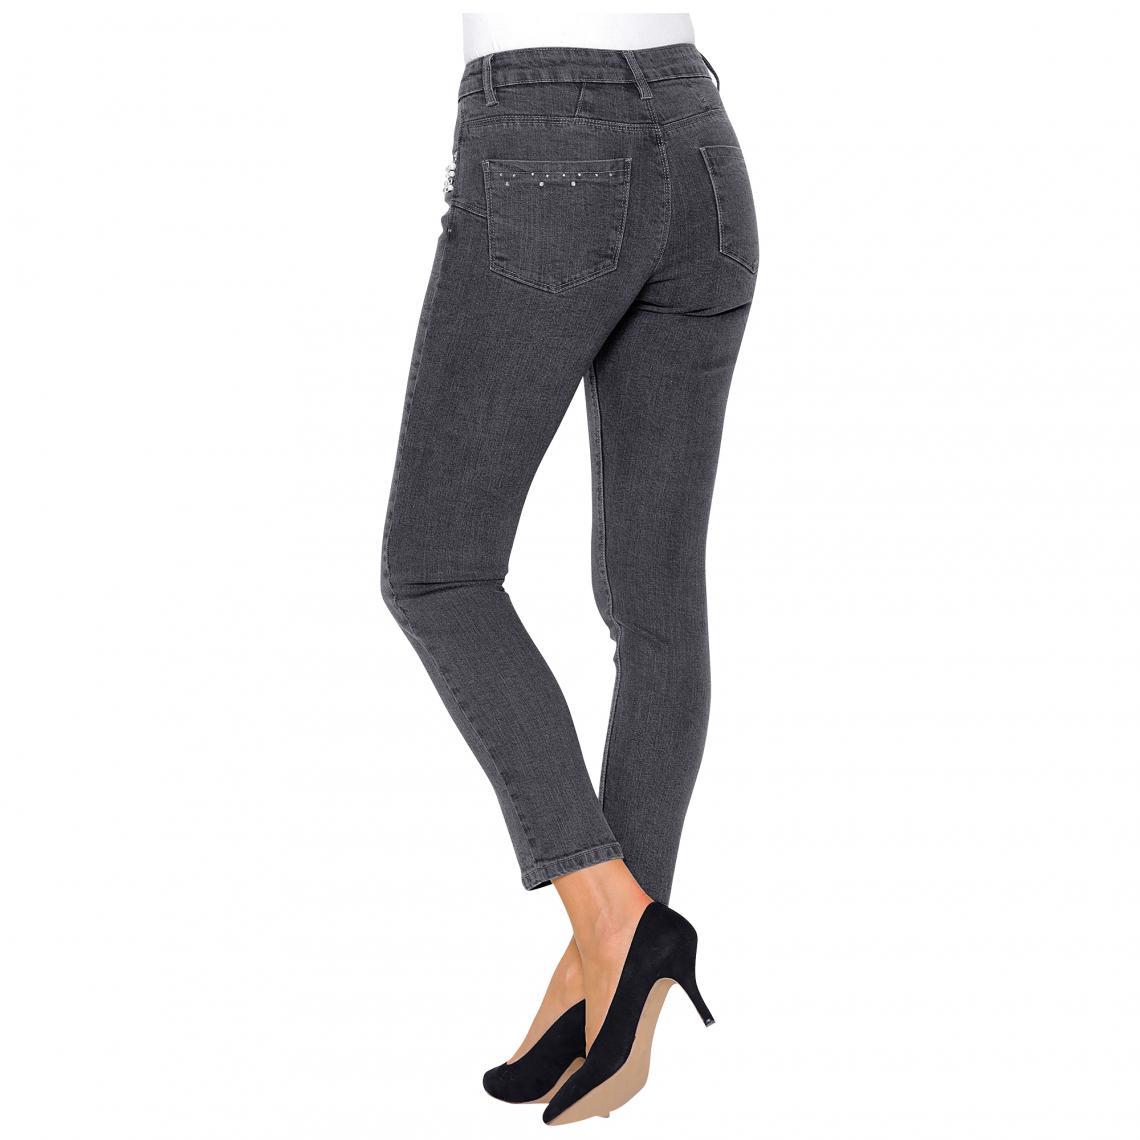 9e65305b18ec Jeans brodés femme 3 SUISSES Cliquez l image pour l agrandir. Jean skinny  taille haute perles et strass fantaisie femme - gris ...